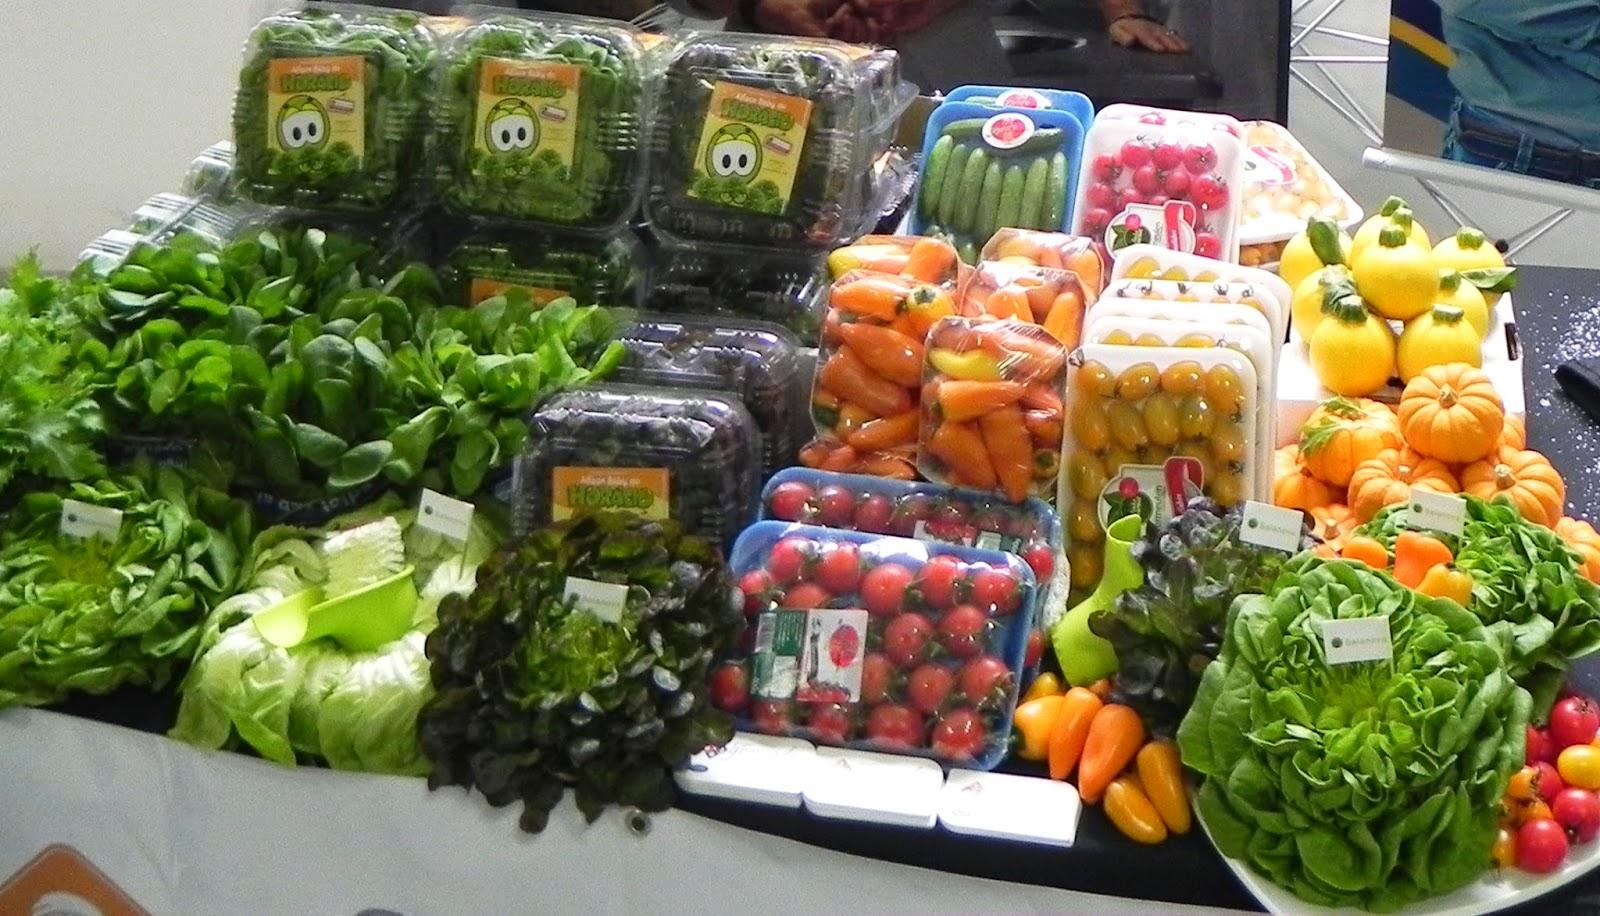 produtos gramado rs no 3 encontro gourmet sp